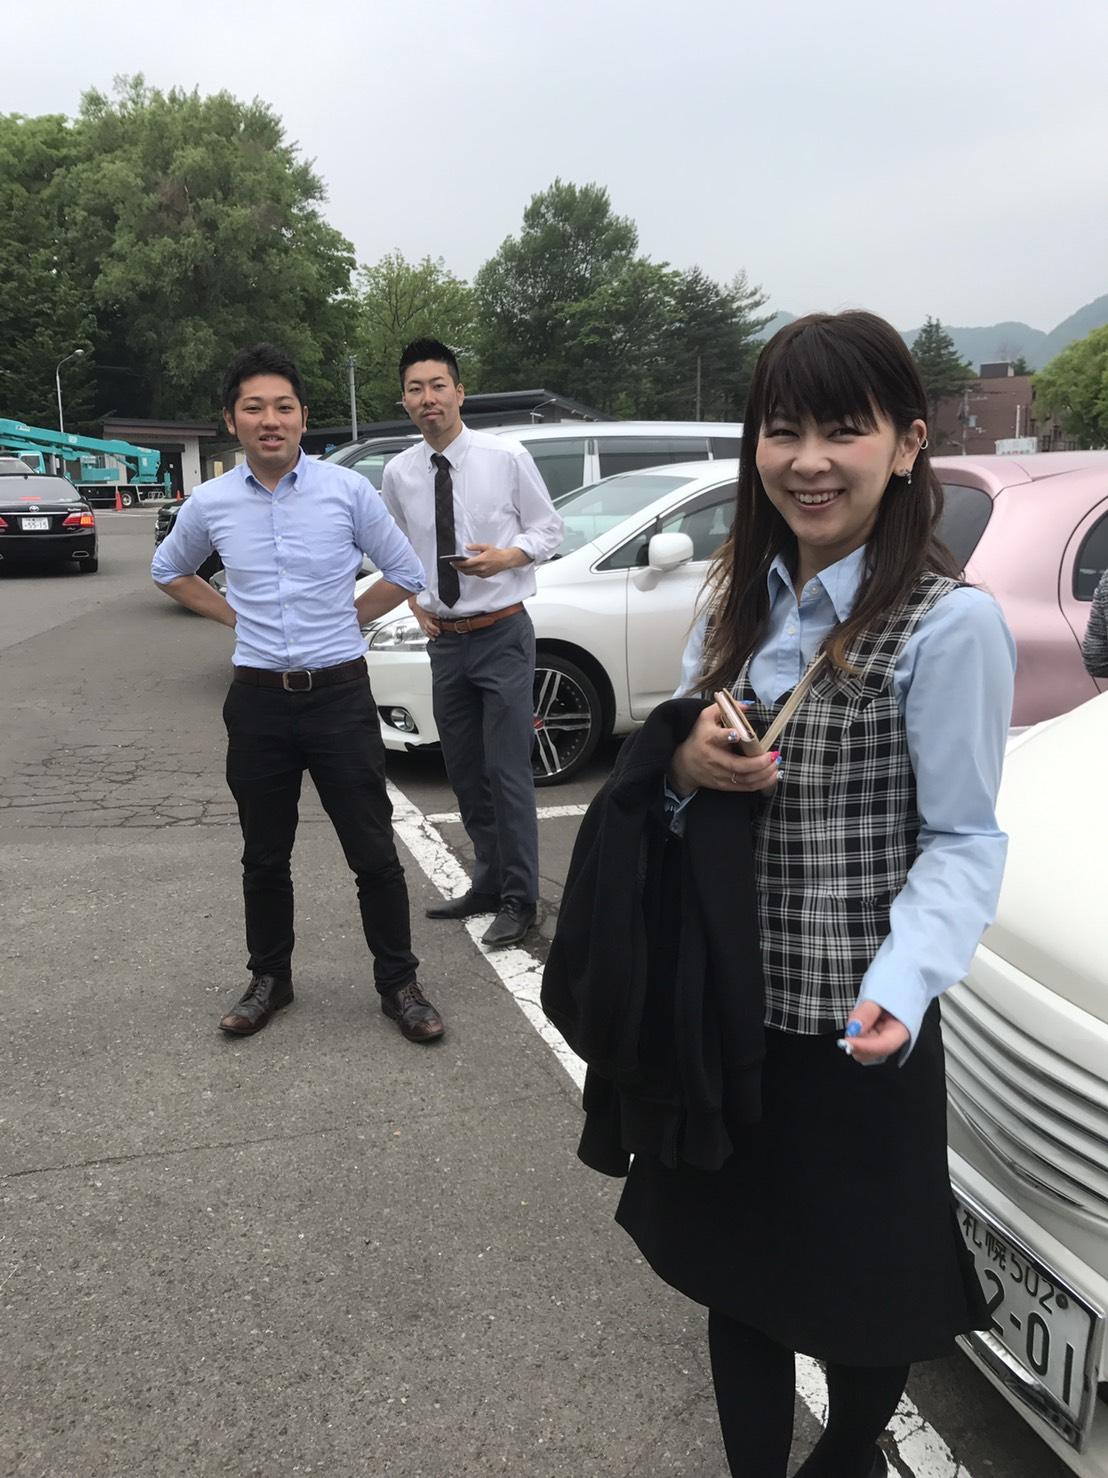 6月1日 木曜日のひとログ!!!!!(´▽`) 夏休みに向けてリッチなレンタカーはいかが??TOMMY_b0127002_17164869.jpg